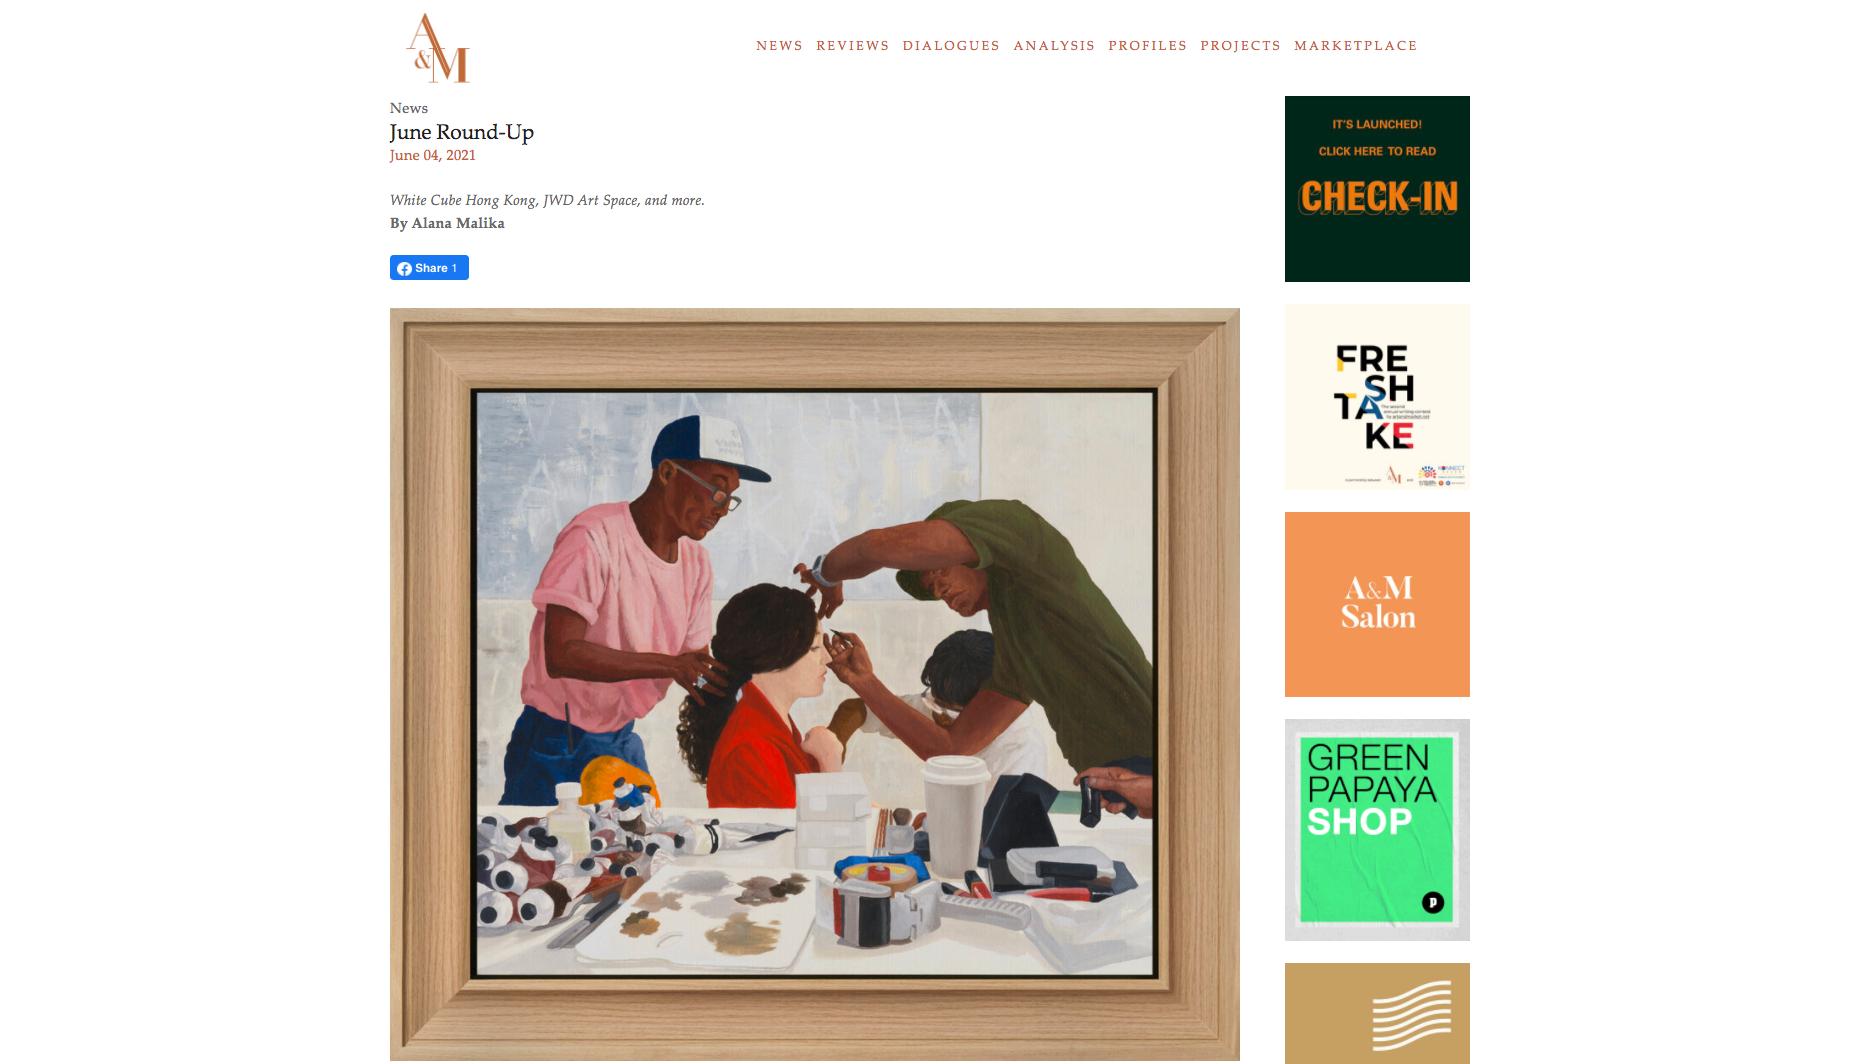 Art & Market – June Round-Up